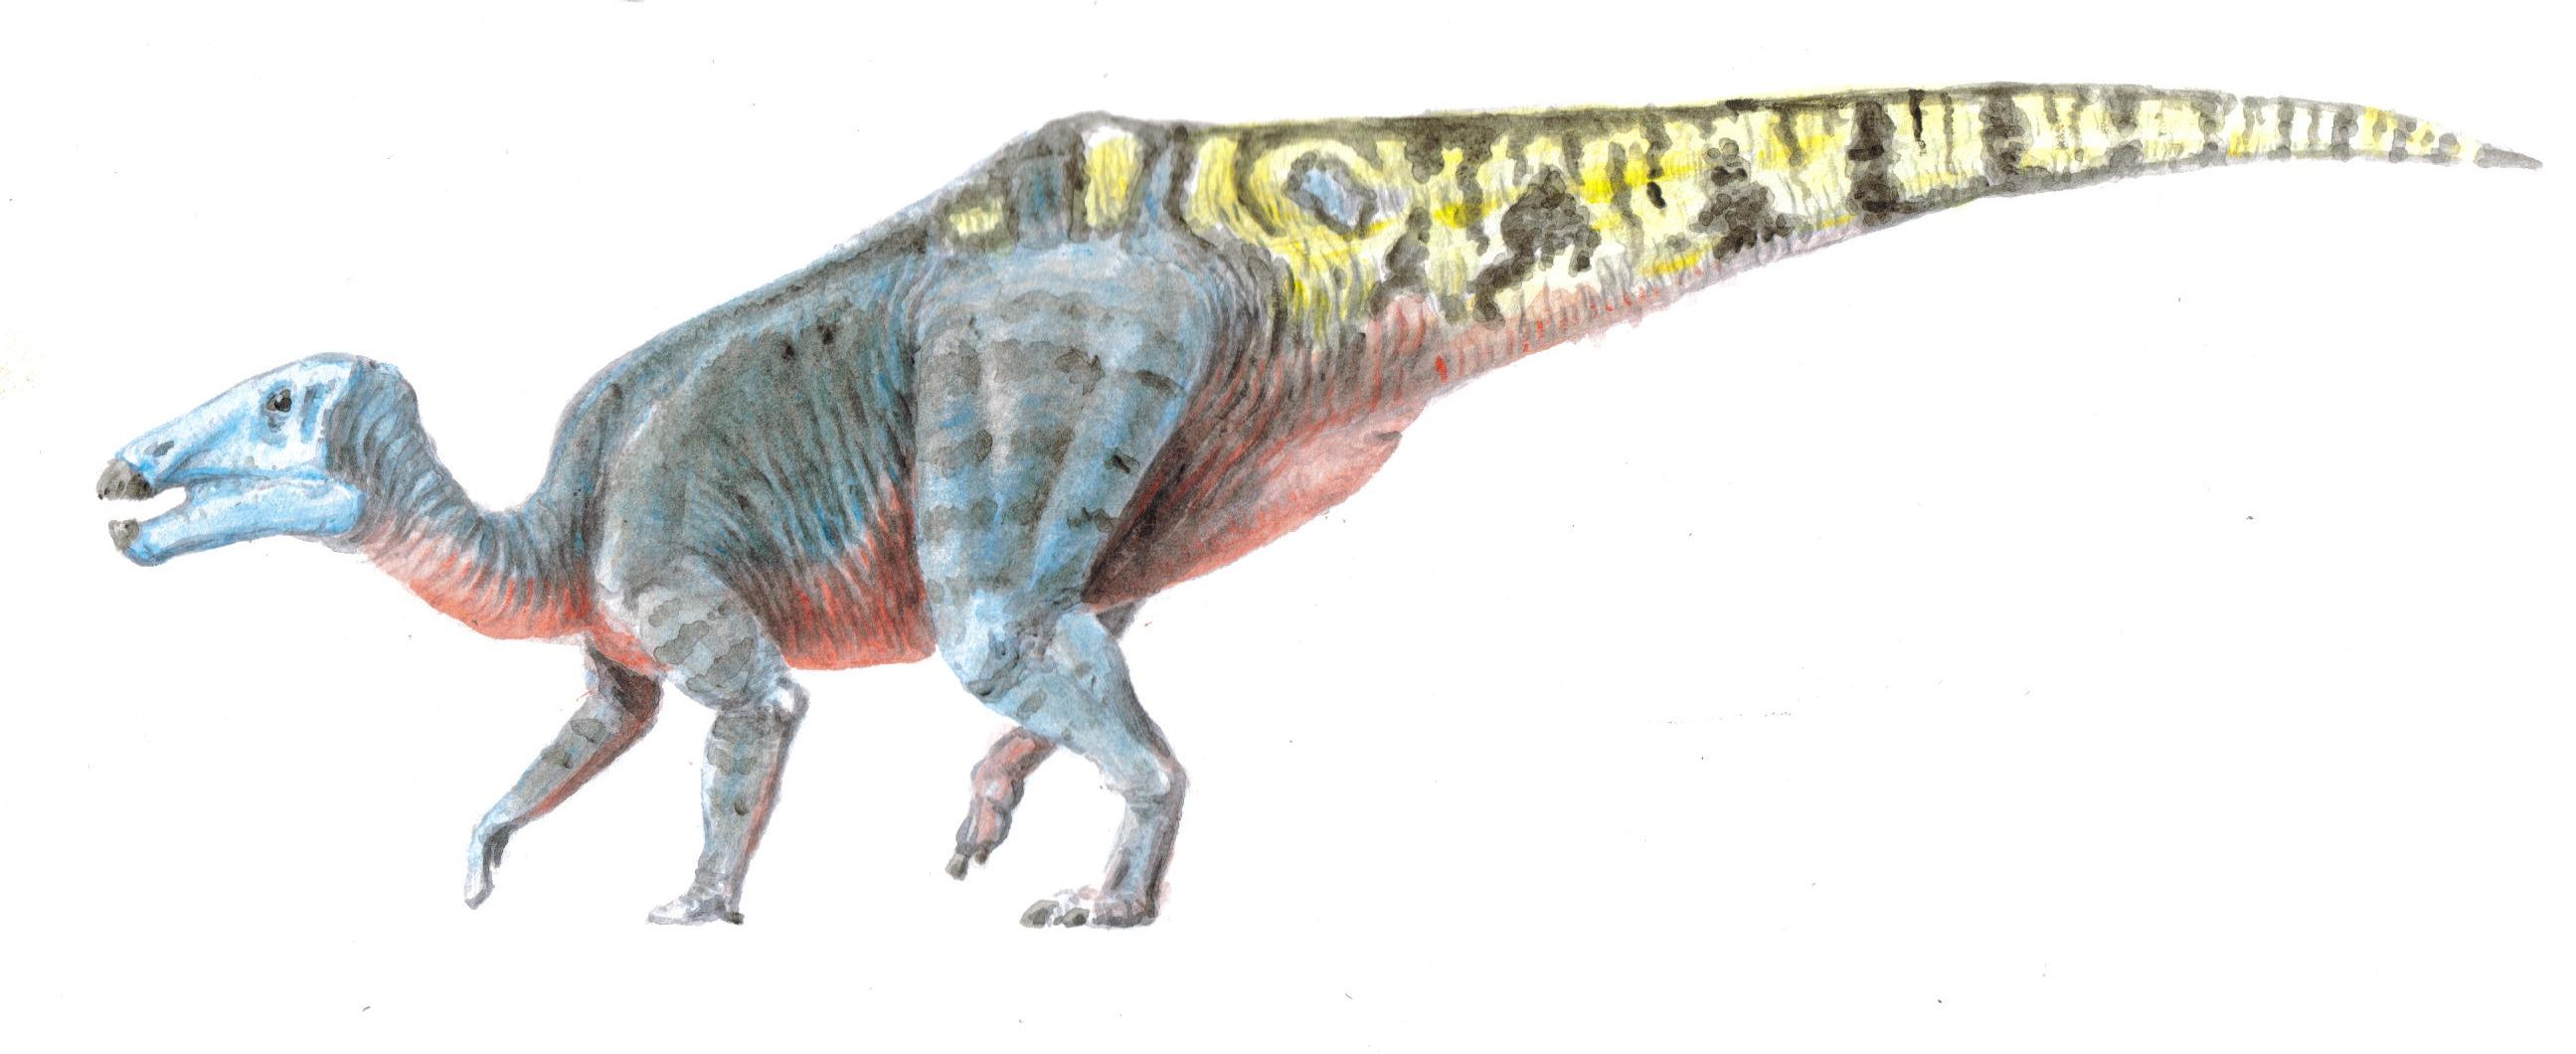 Shantungosaurus_edited